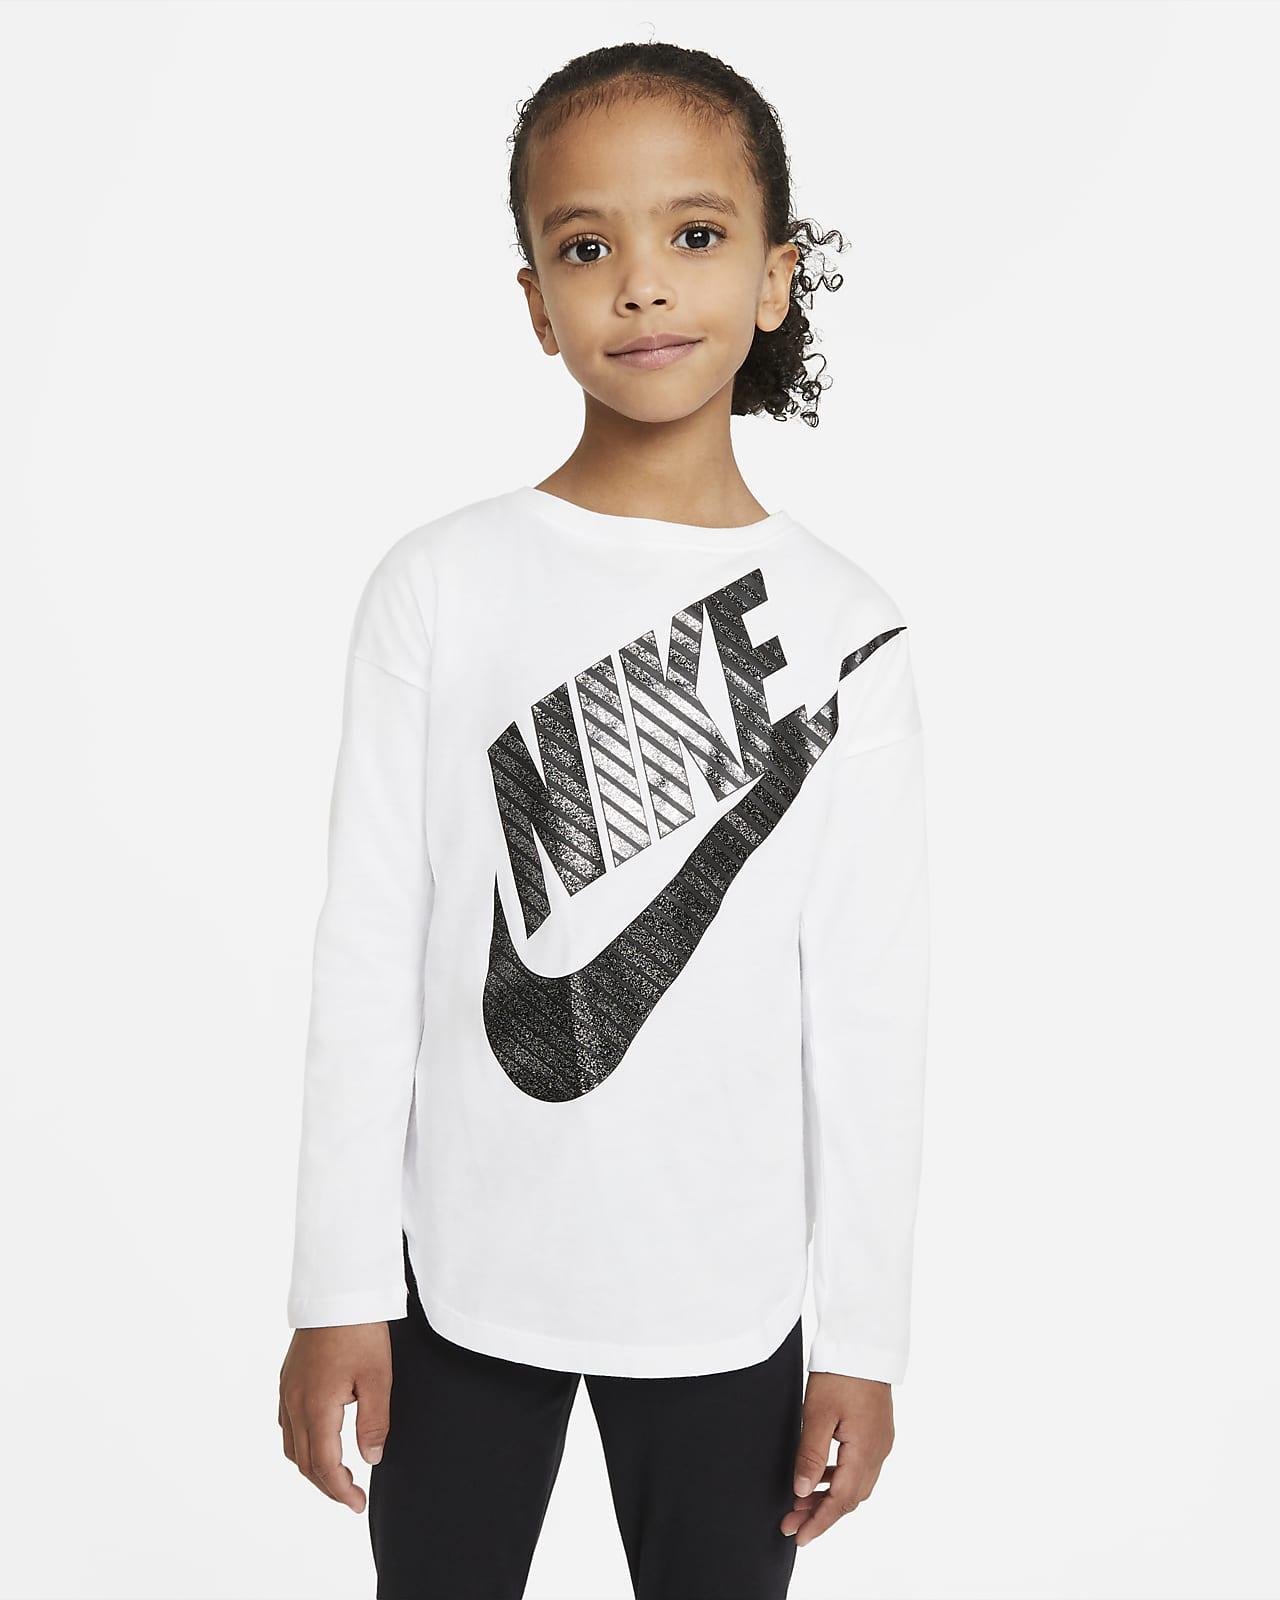 Nike 幼童长袖T恤